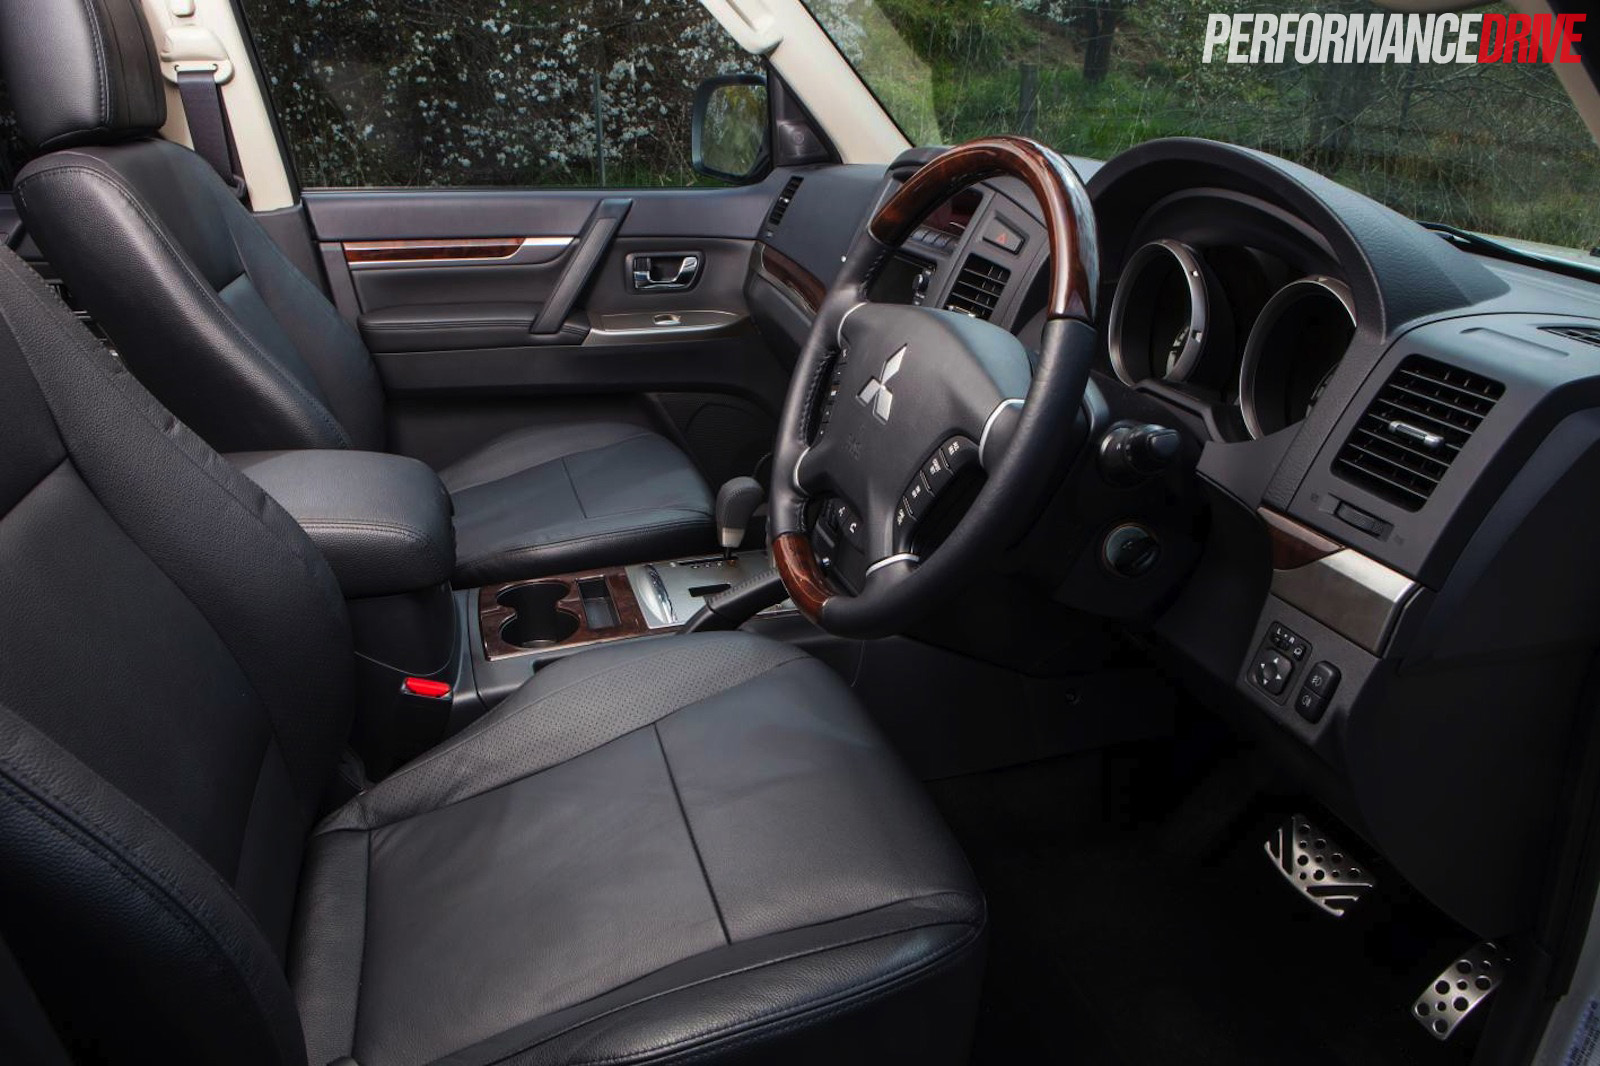 2015 mitsubishi pajero exceed interior - Mitsubishi Montero 2015 Interior